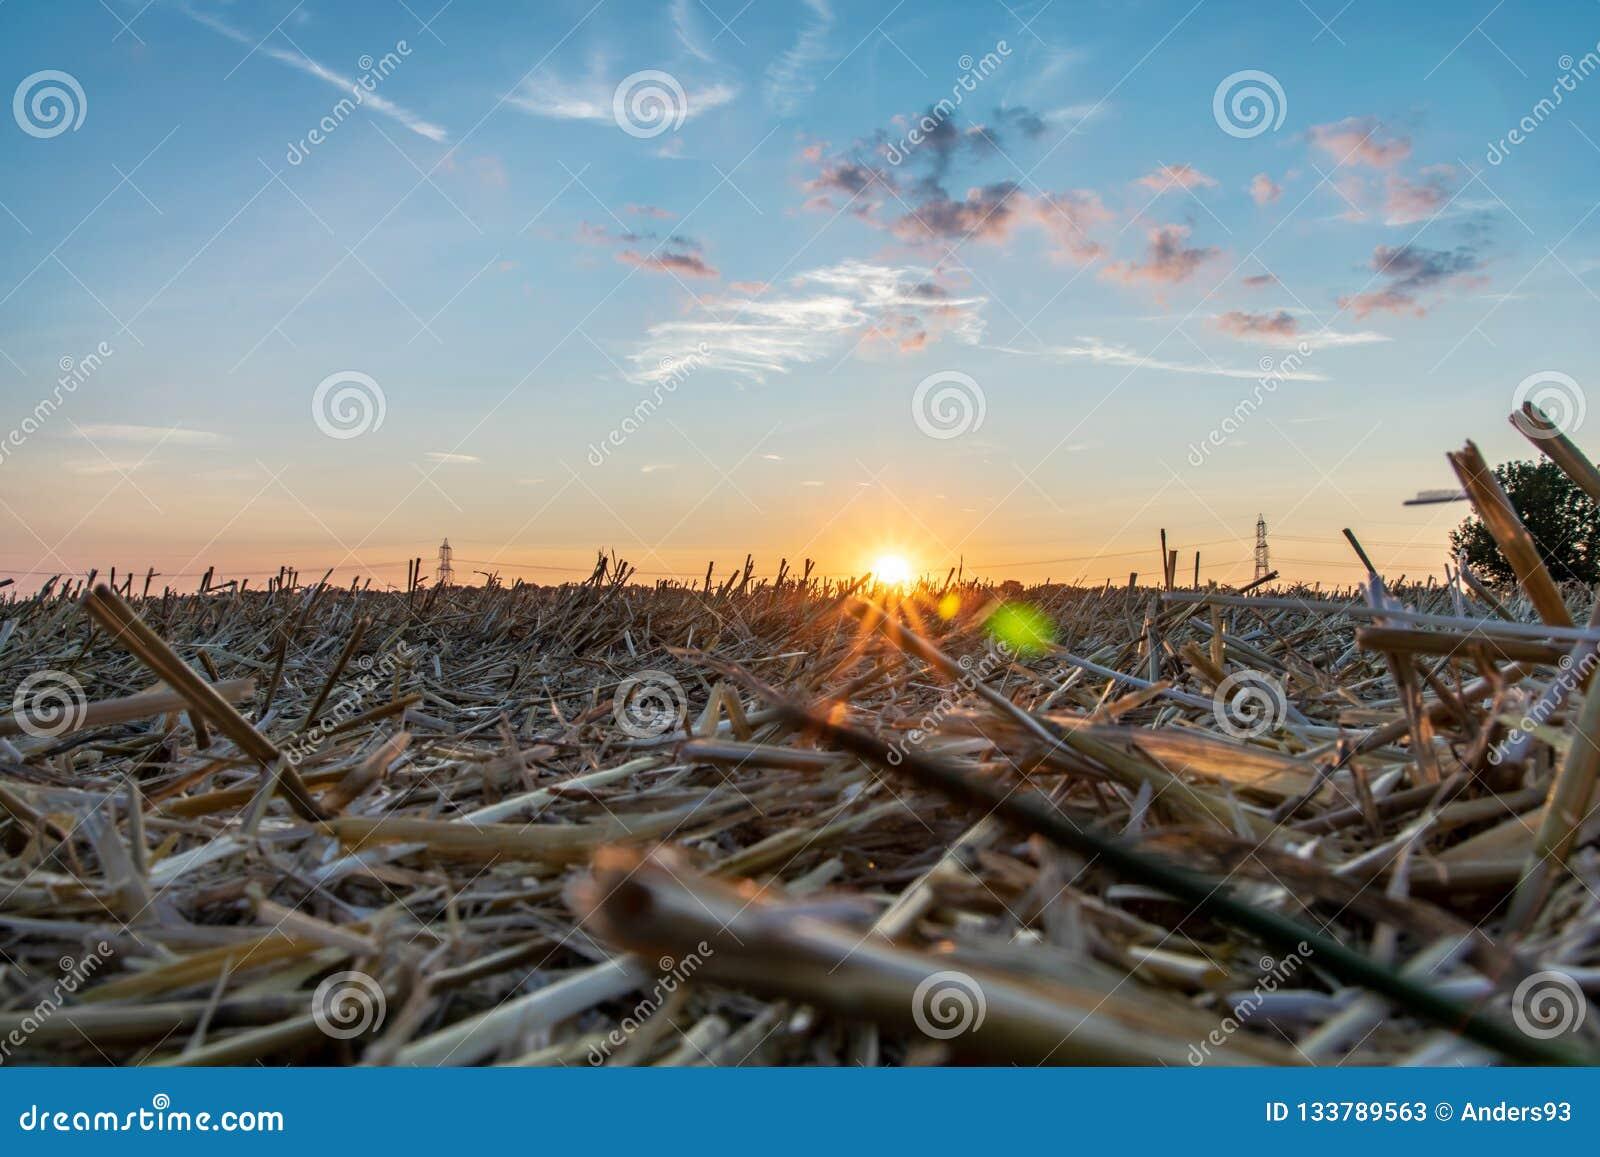 Cena do campo dos campos e dos pilões da eletricidade contra o céu dourado do por do sol